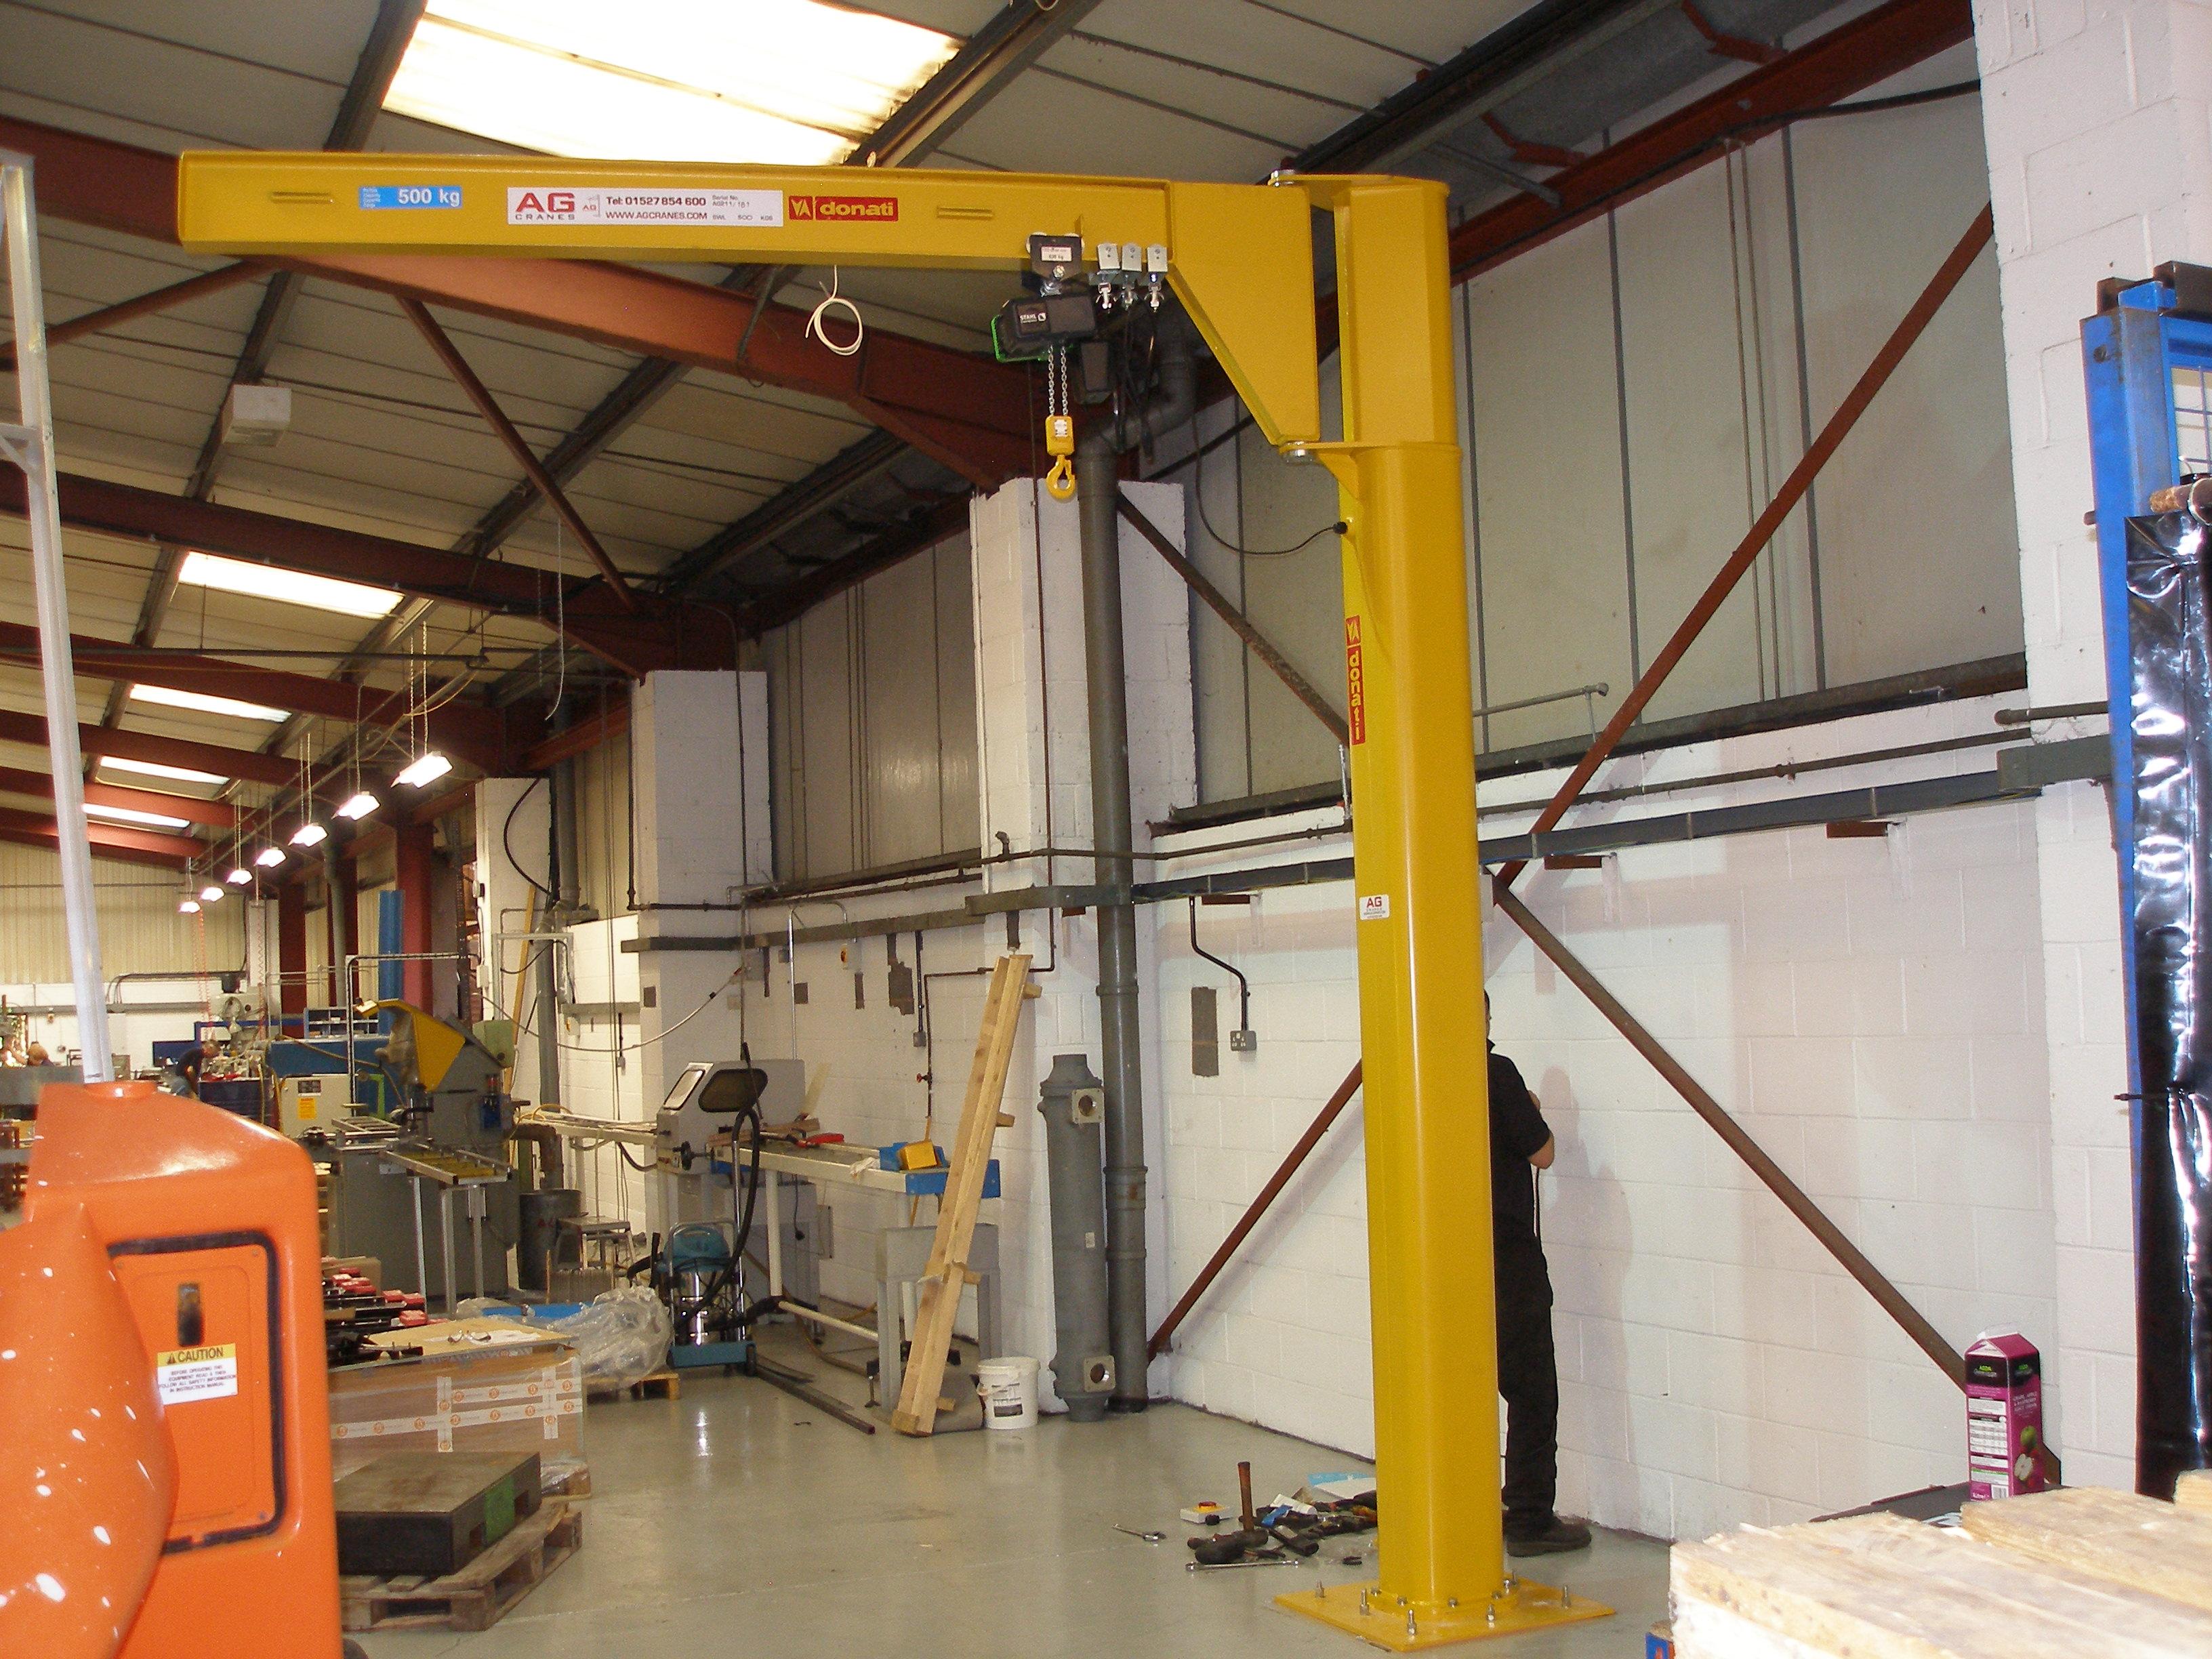 500kg Donati underbraced jib crane